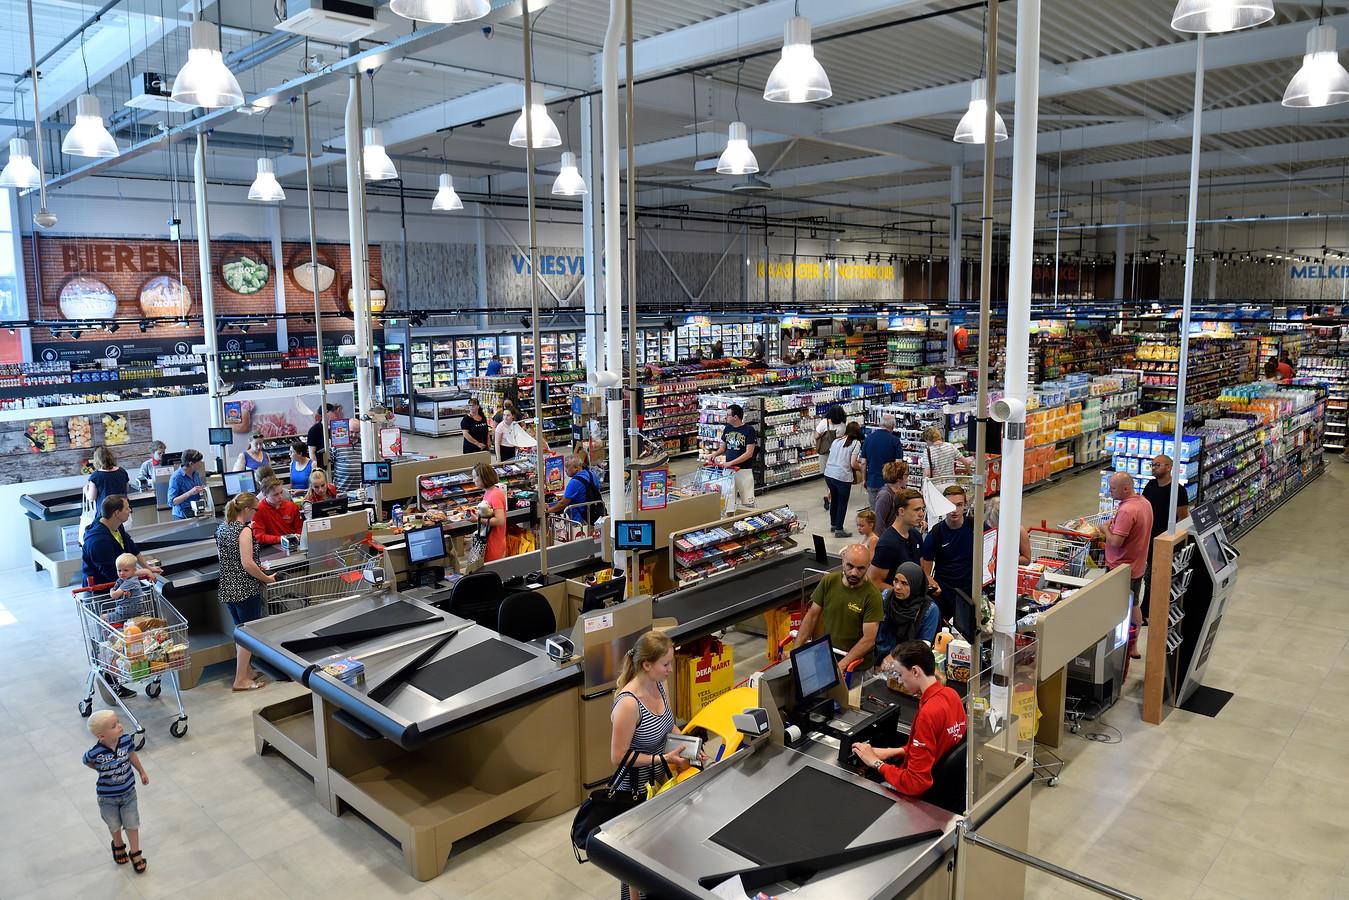 Supermarkten, zoals de Dekamarkt in Vathorst, mogen bij hoge uitzondering op Eerste Paasdag open.